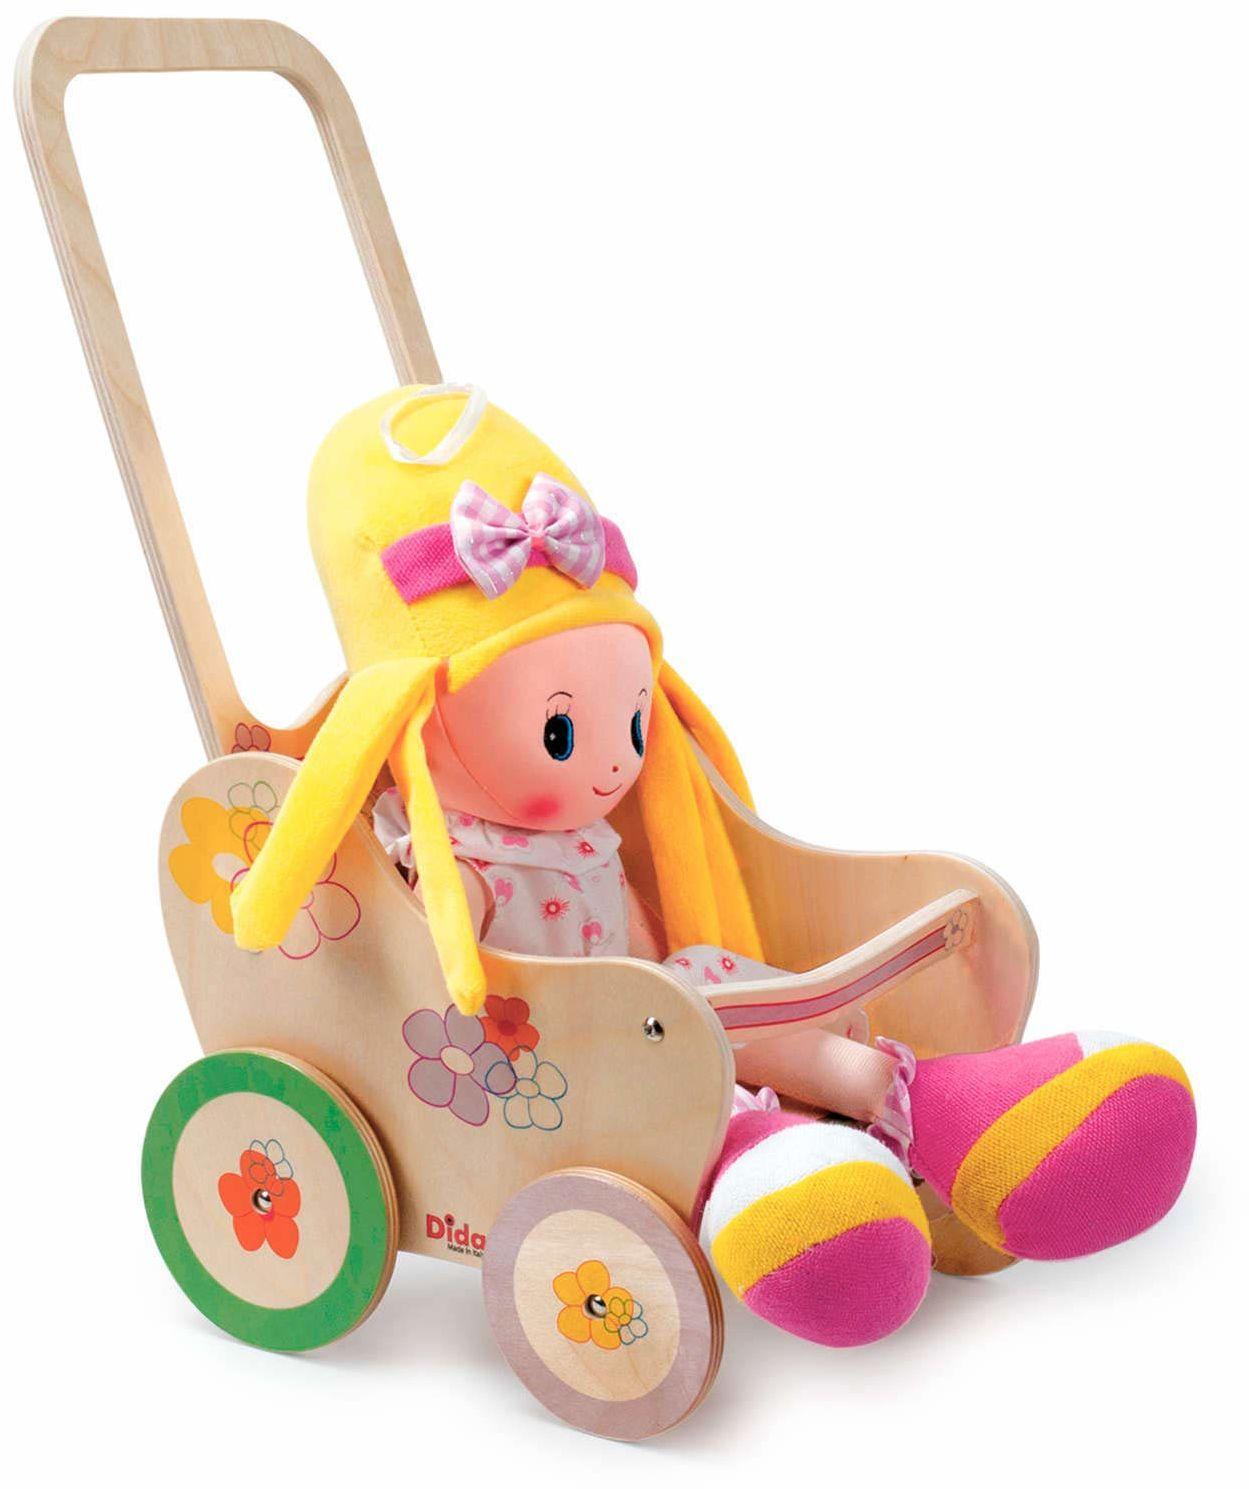 Dida GP20F pedagogiczny wózek dla lalek, wózek dziecięcy Fiore, mały